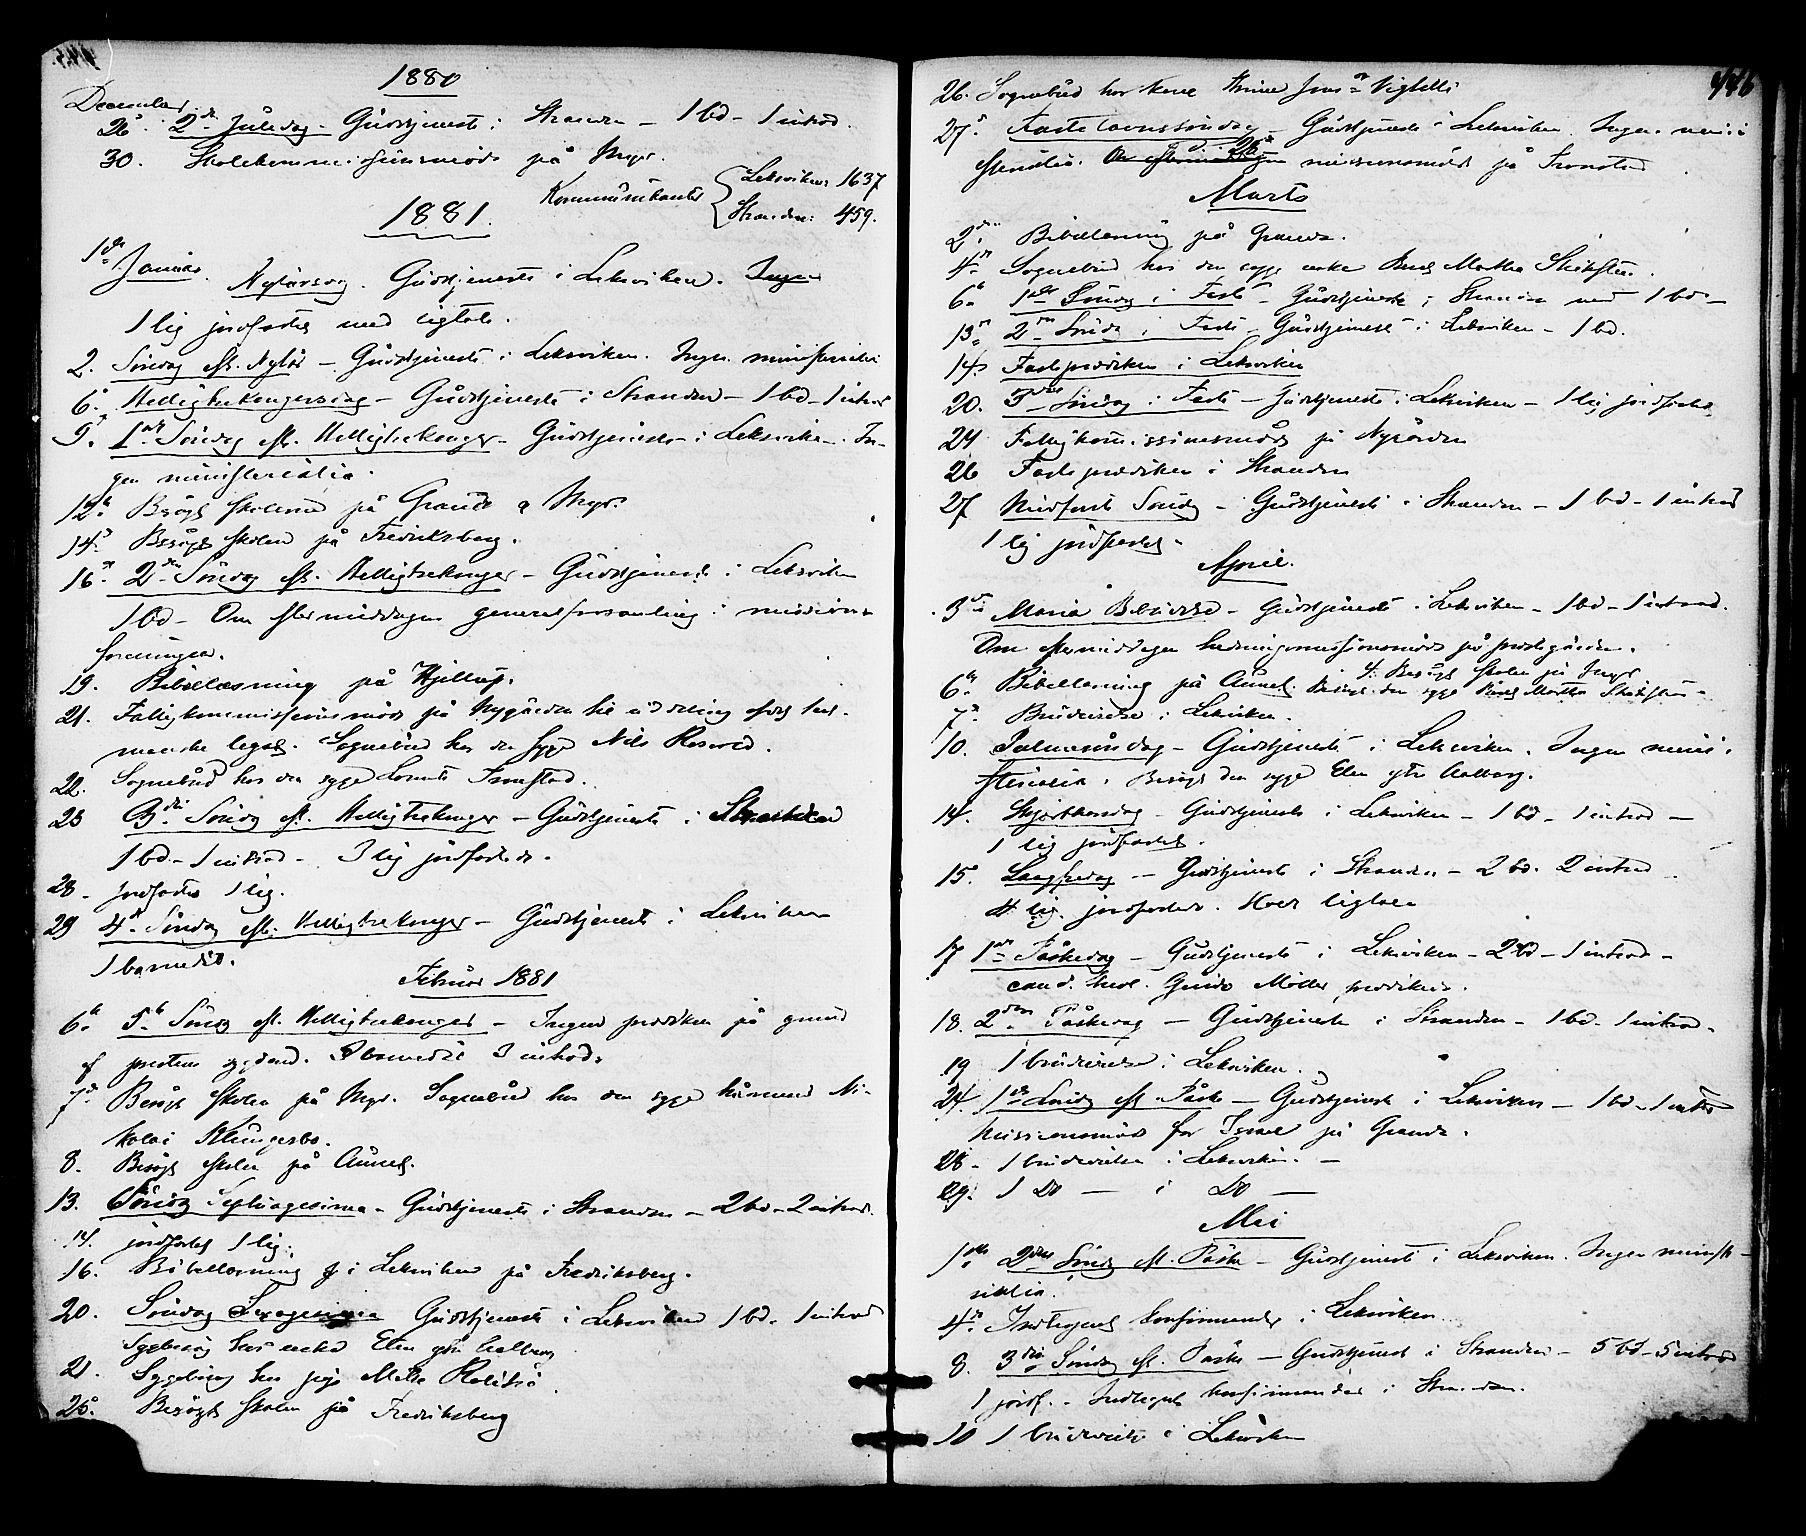 SAT, Ministerialprotokoller, klokkerbøker og fødselsregistre - Nord-Trøndelag, 701/L0009: Ministerialbok nr. 701A09 /1, 1864-1882, s. 446